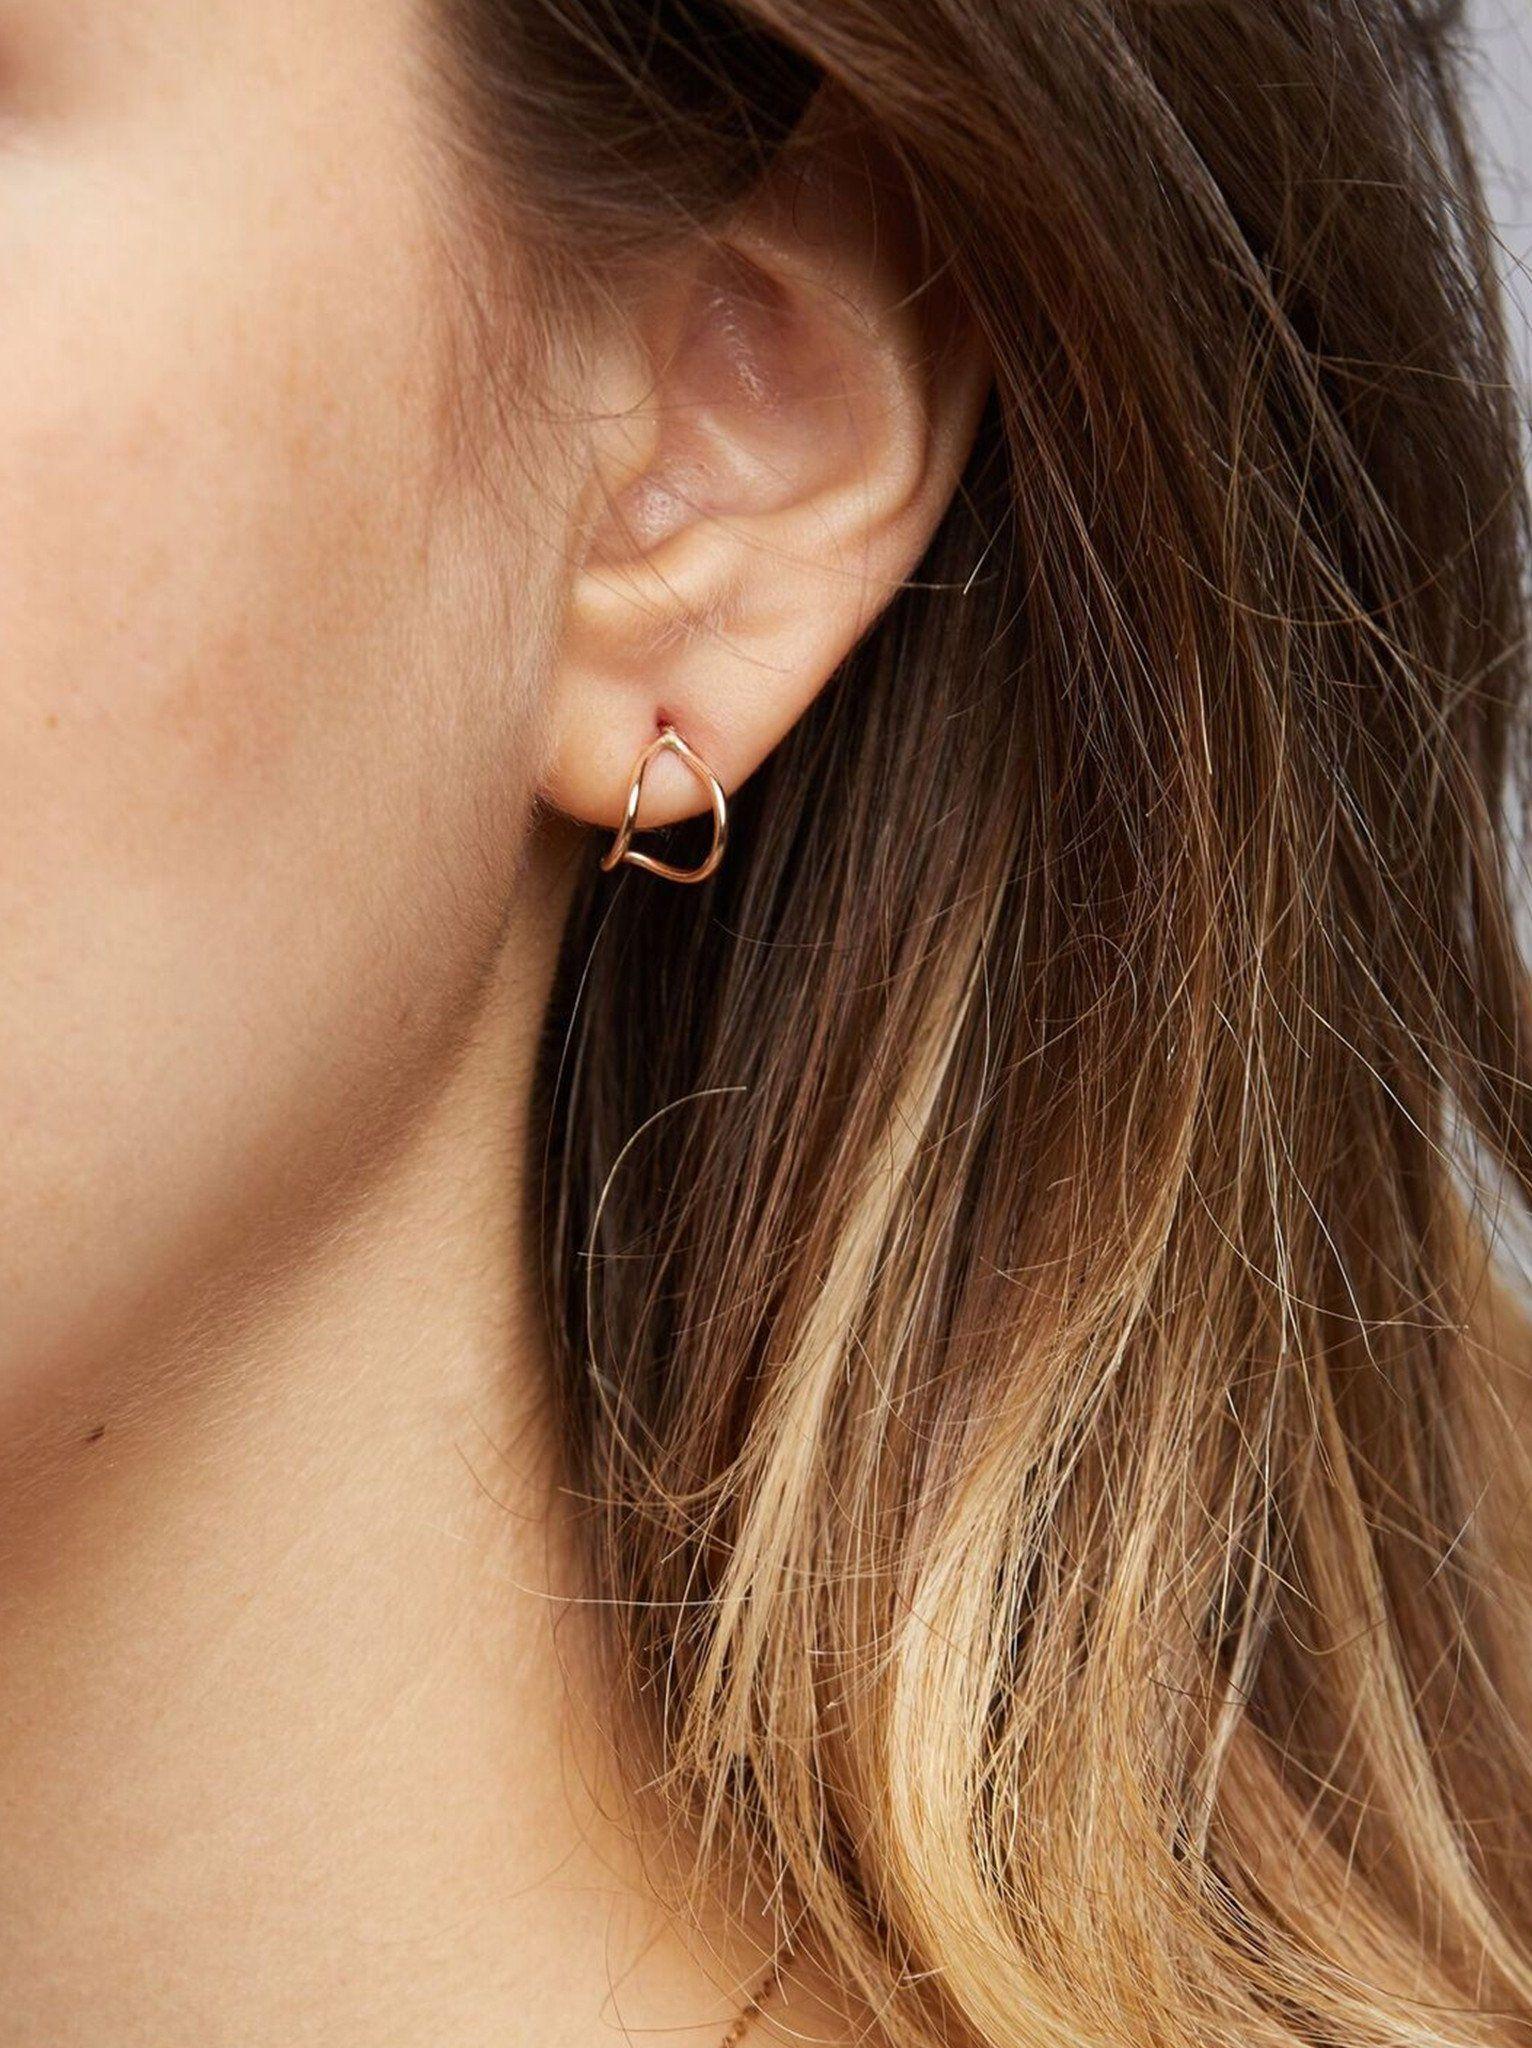 Ear Hugs With Images Hug Earring Hammered Hoop Earrings